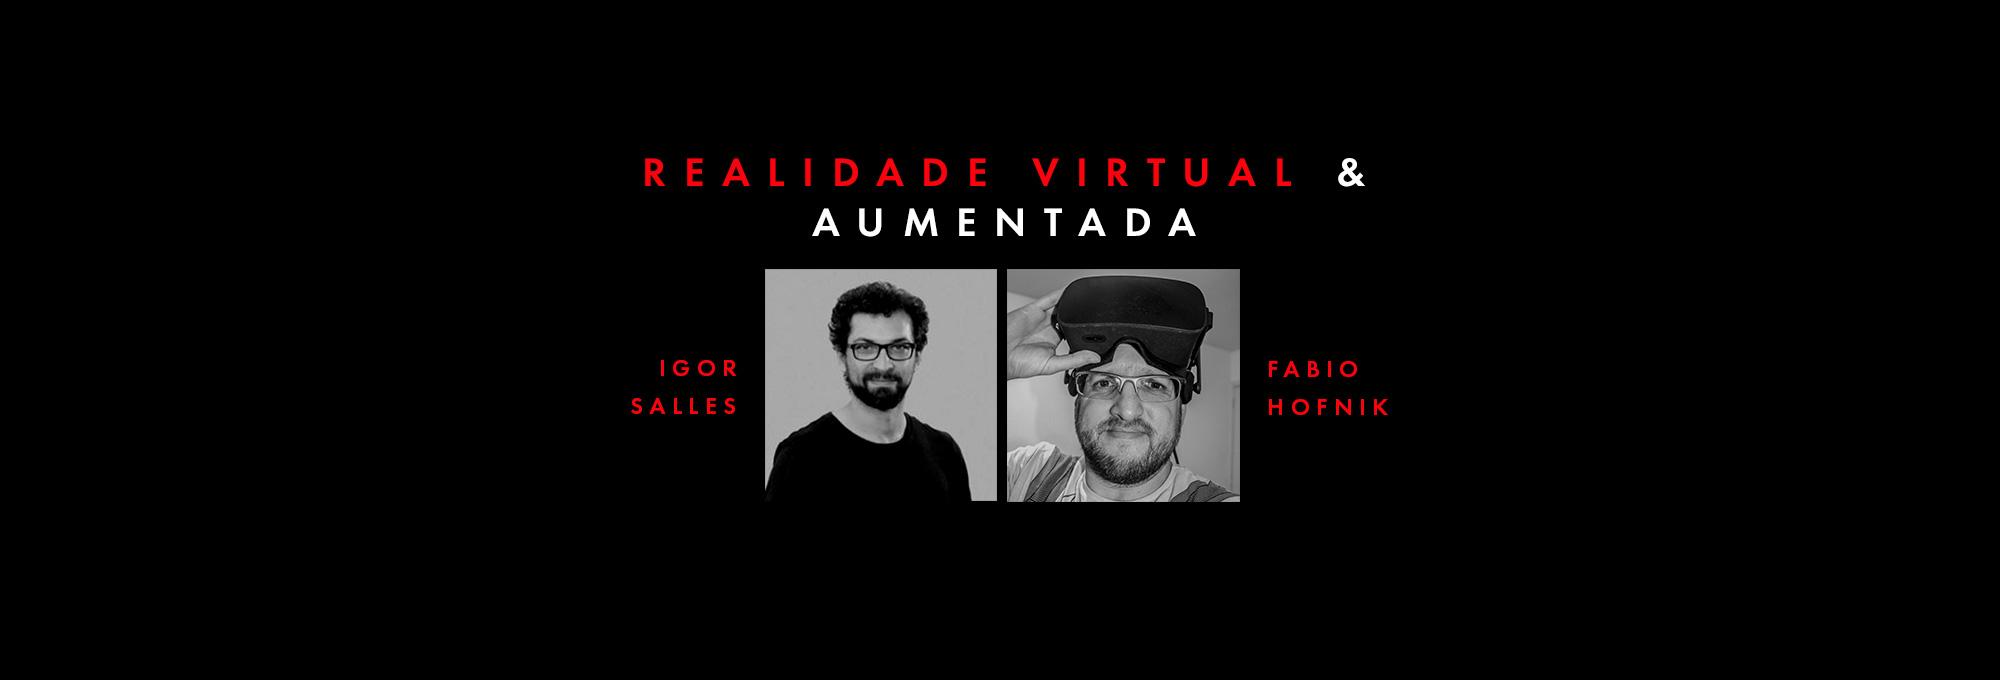 Palestra sobre Realidade Virtual e Aumentada na AIC-SP